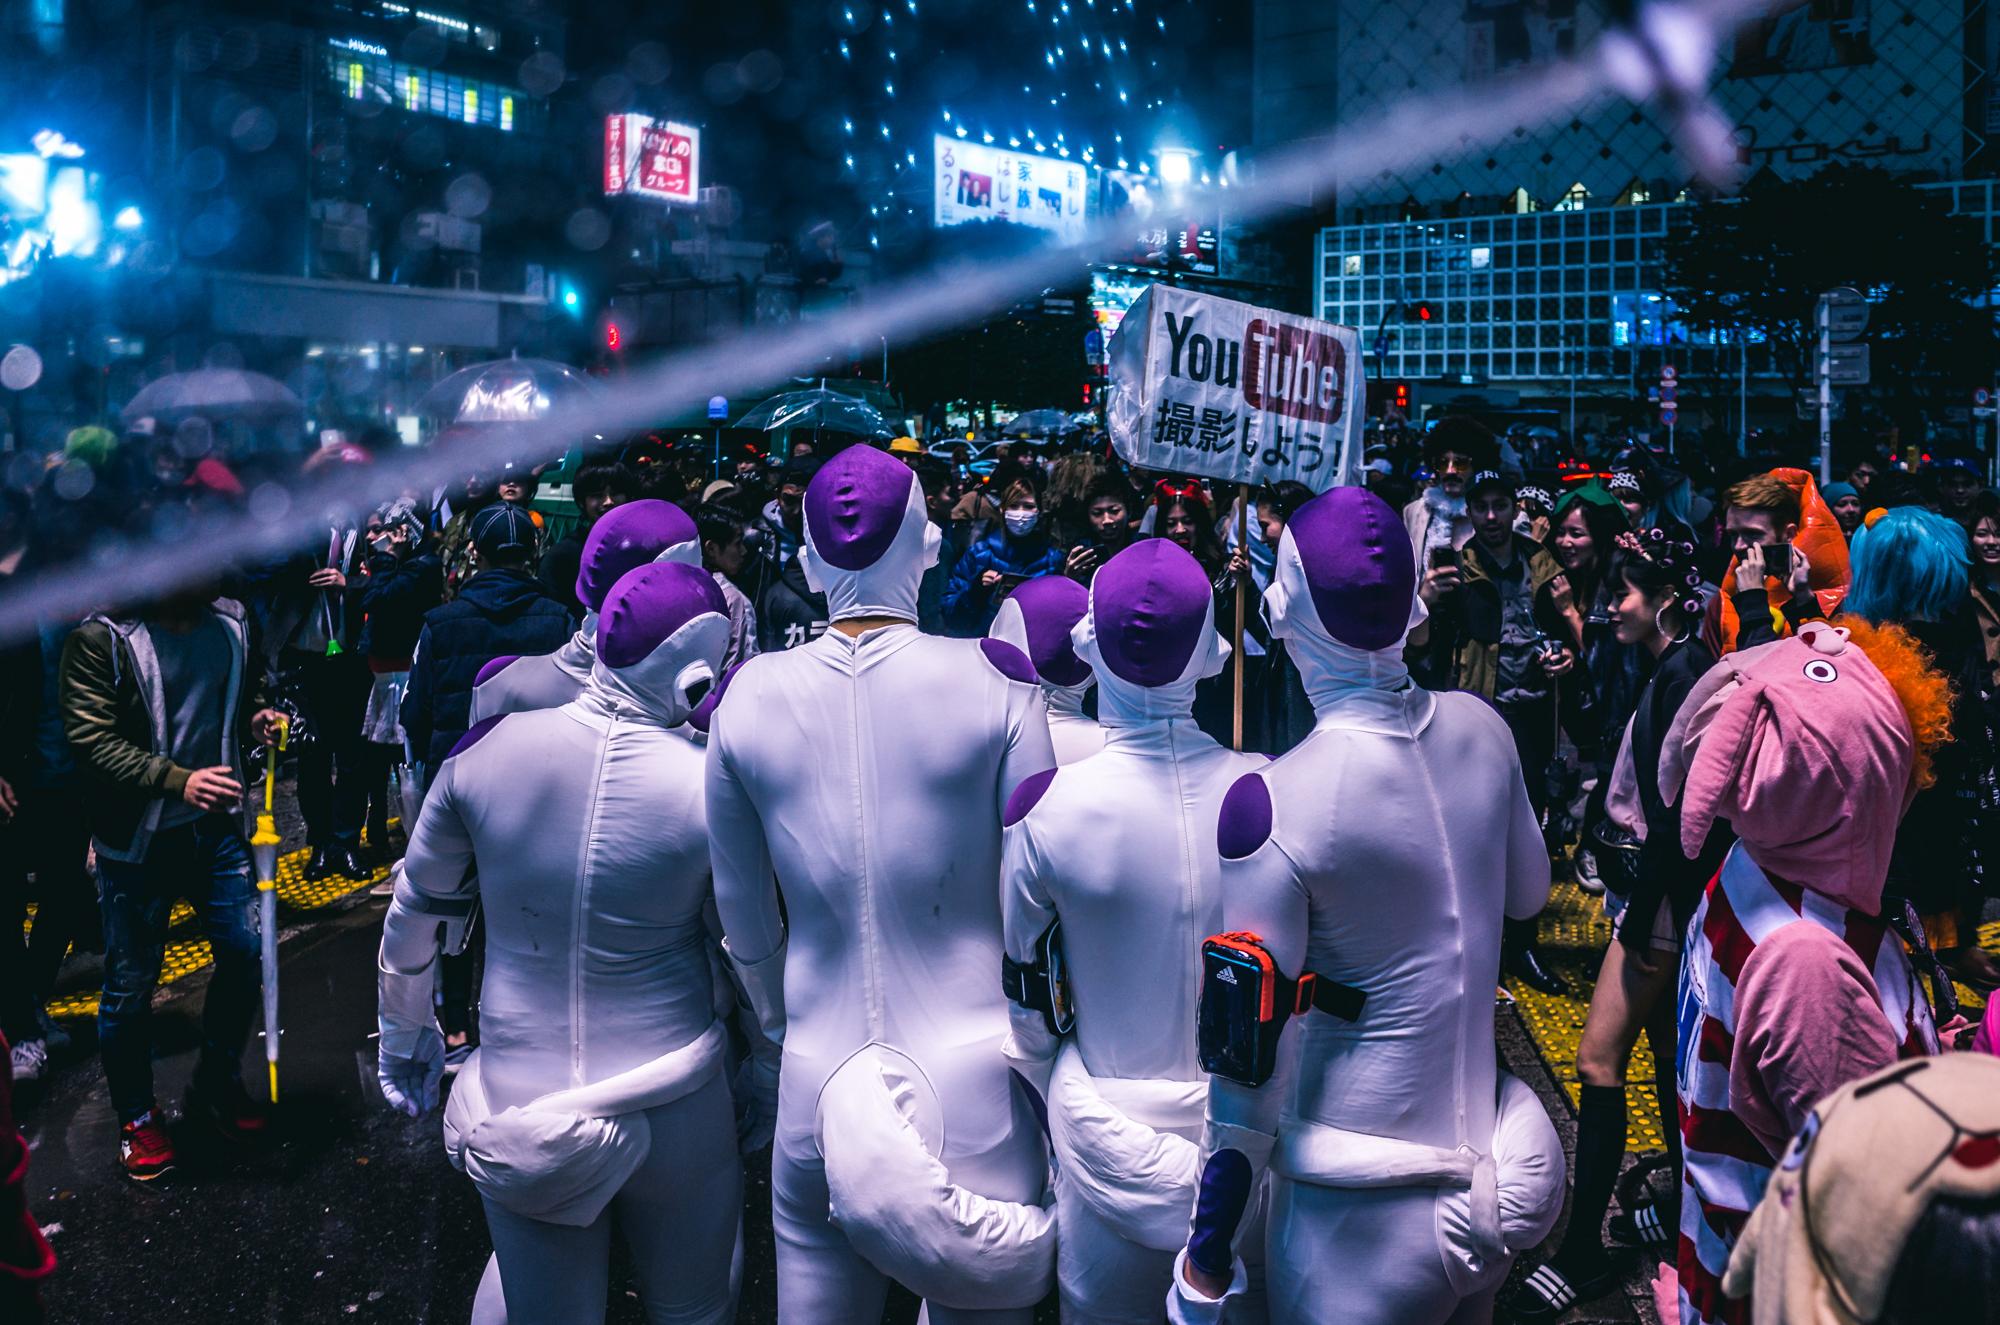 パリピ!渋谷ハロウィン2017 写真まとめ。とりあえずインスタグラム、Twitterにアップしたもの中心に!